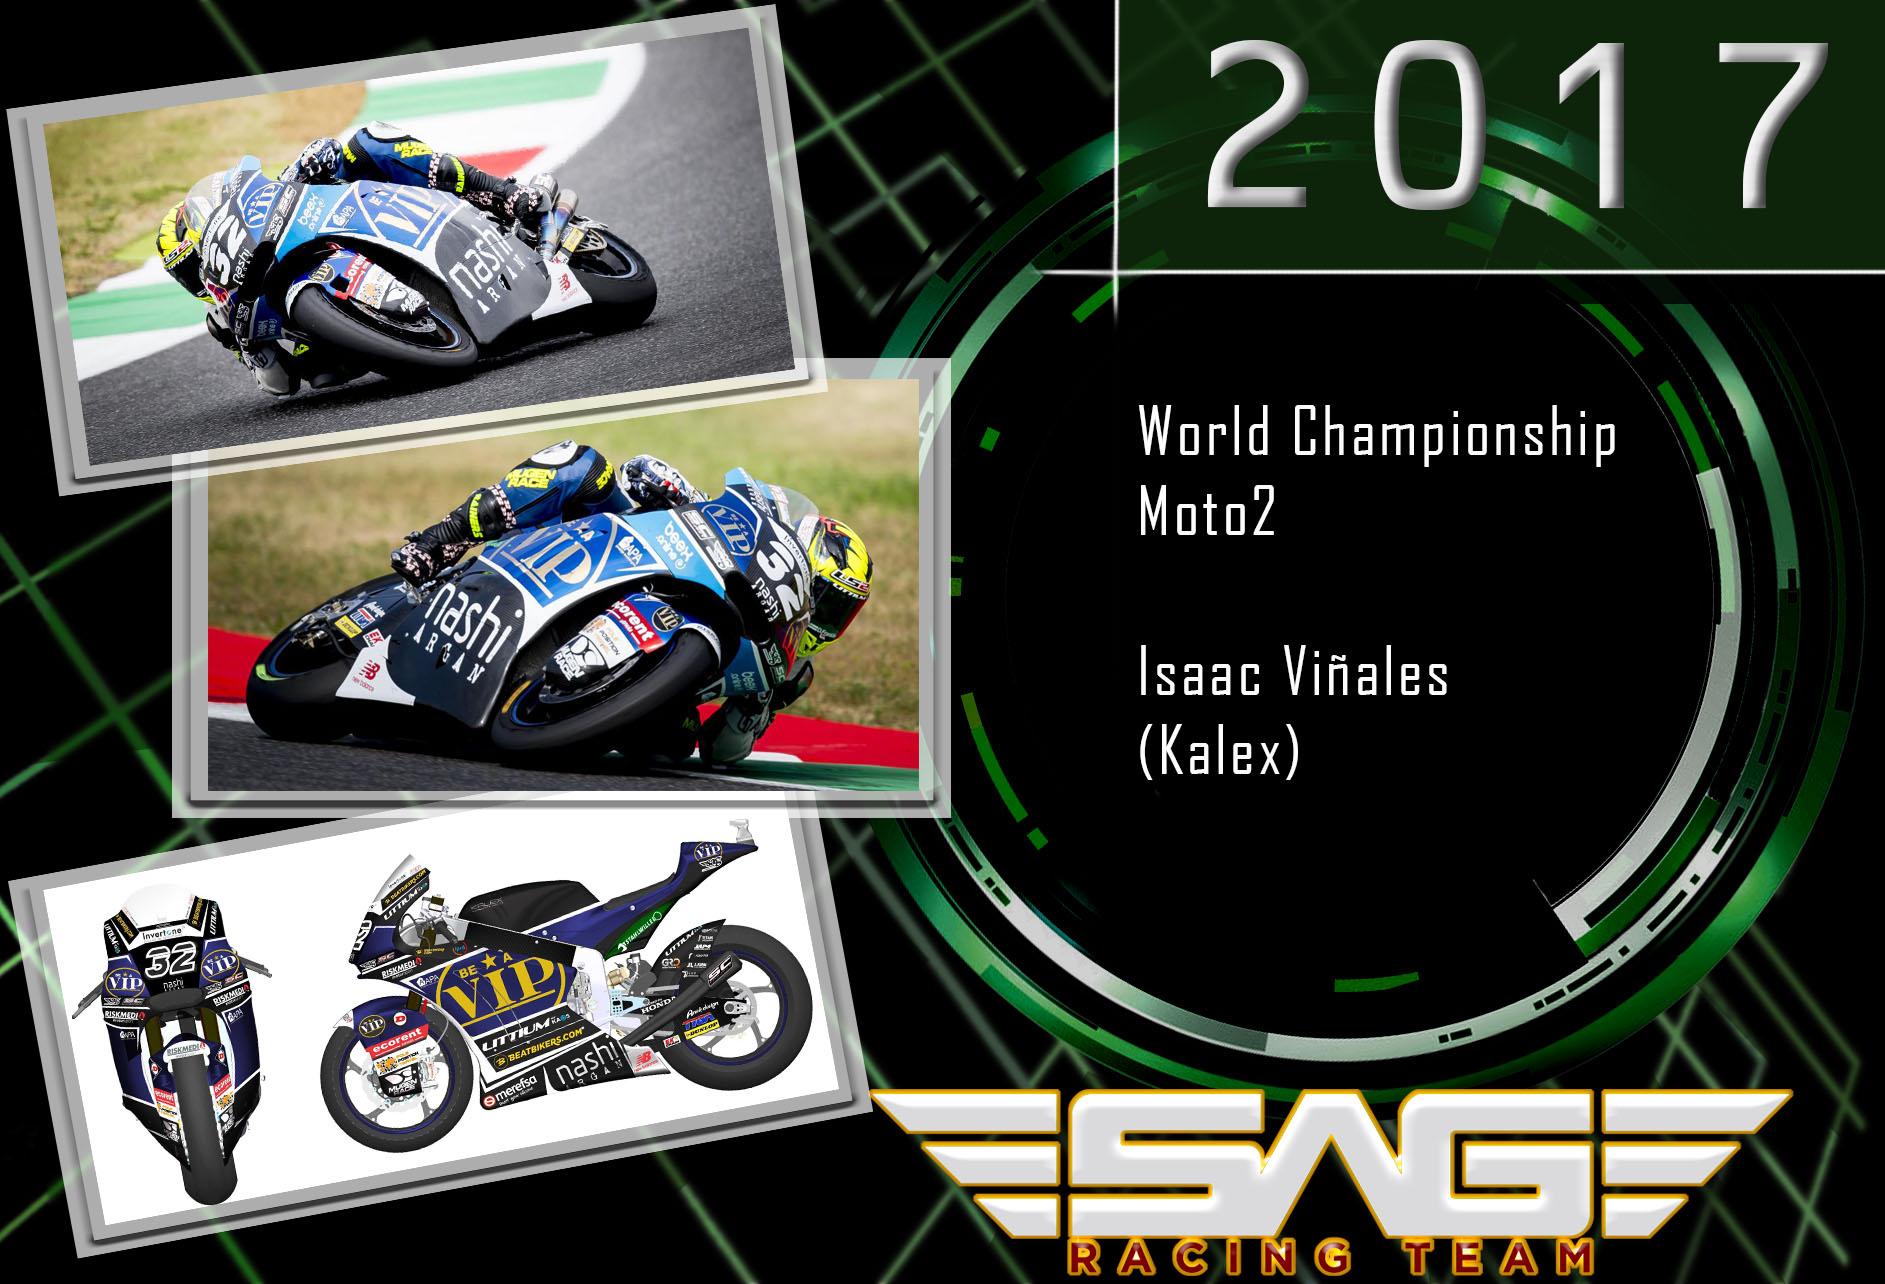 Isaac Viñales - Moto2 Rider